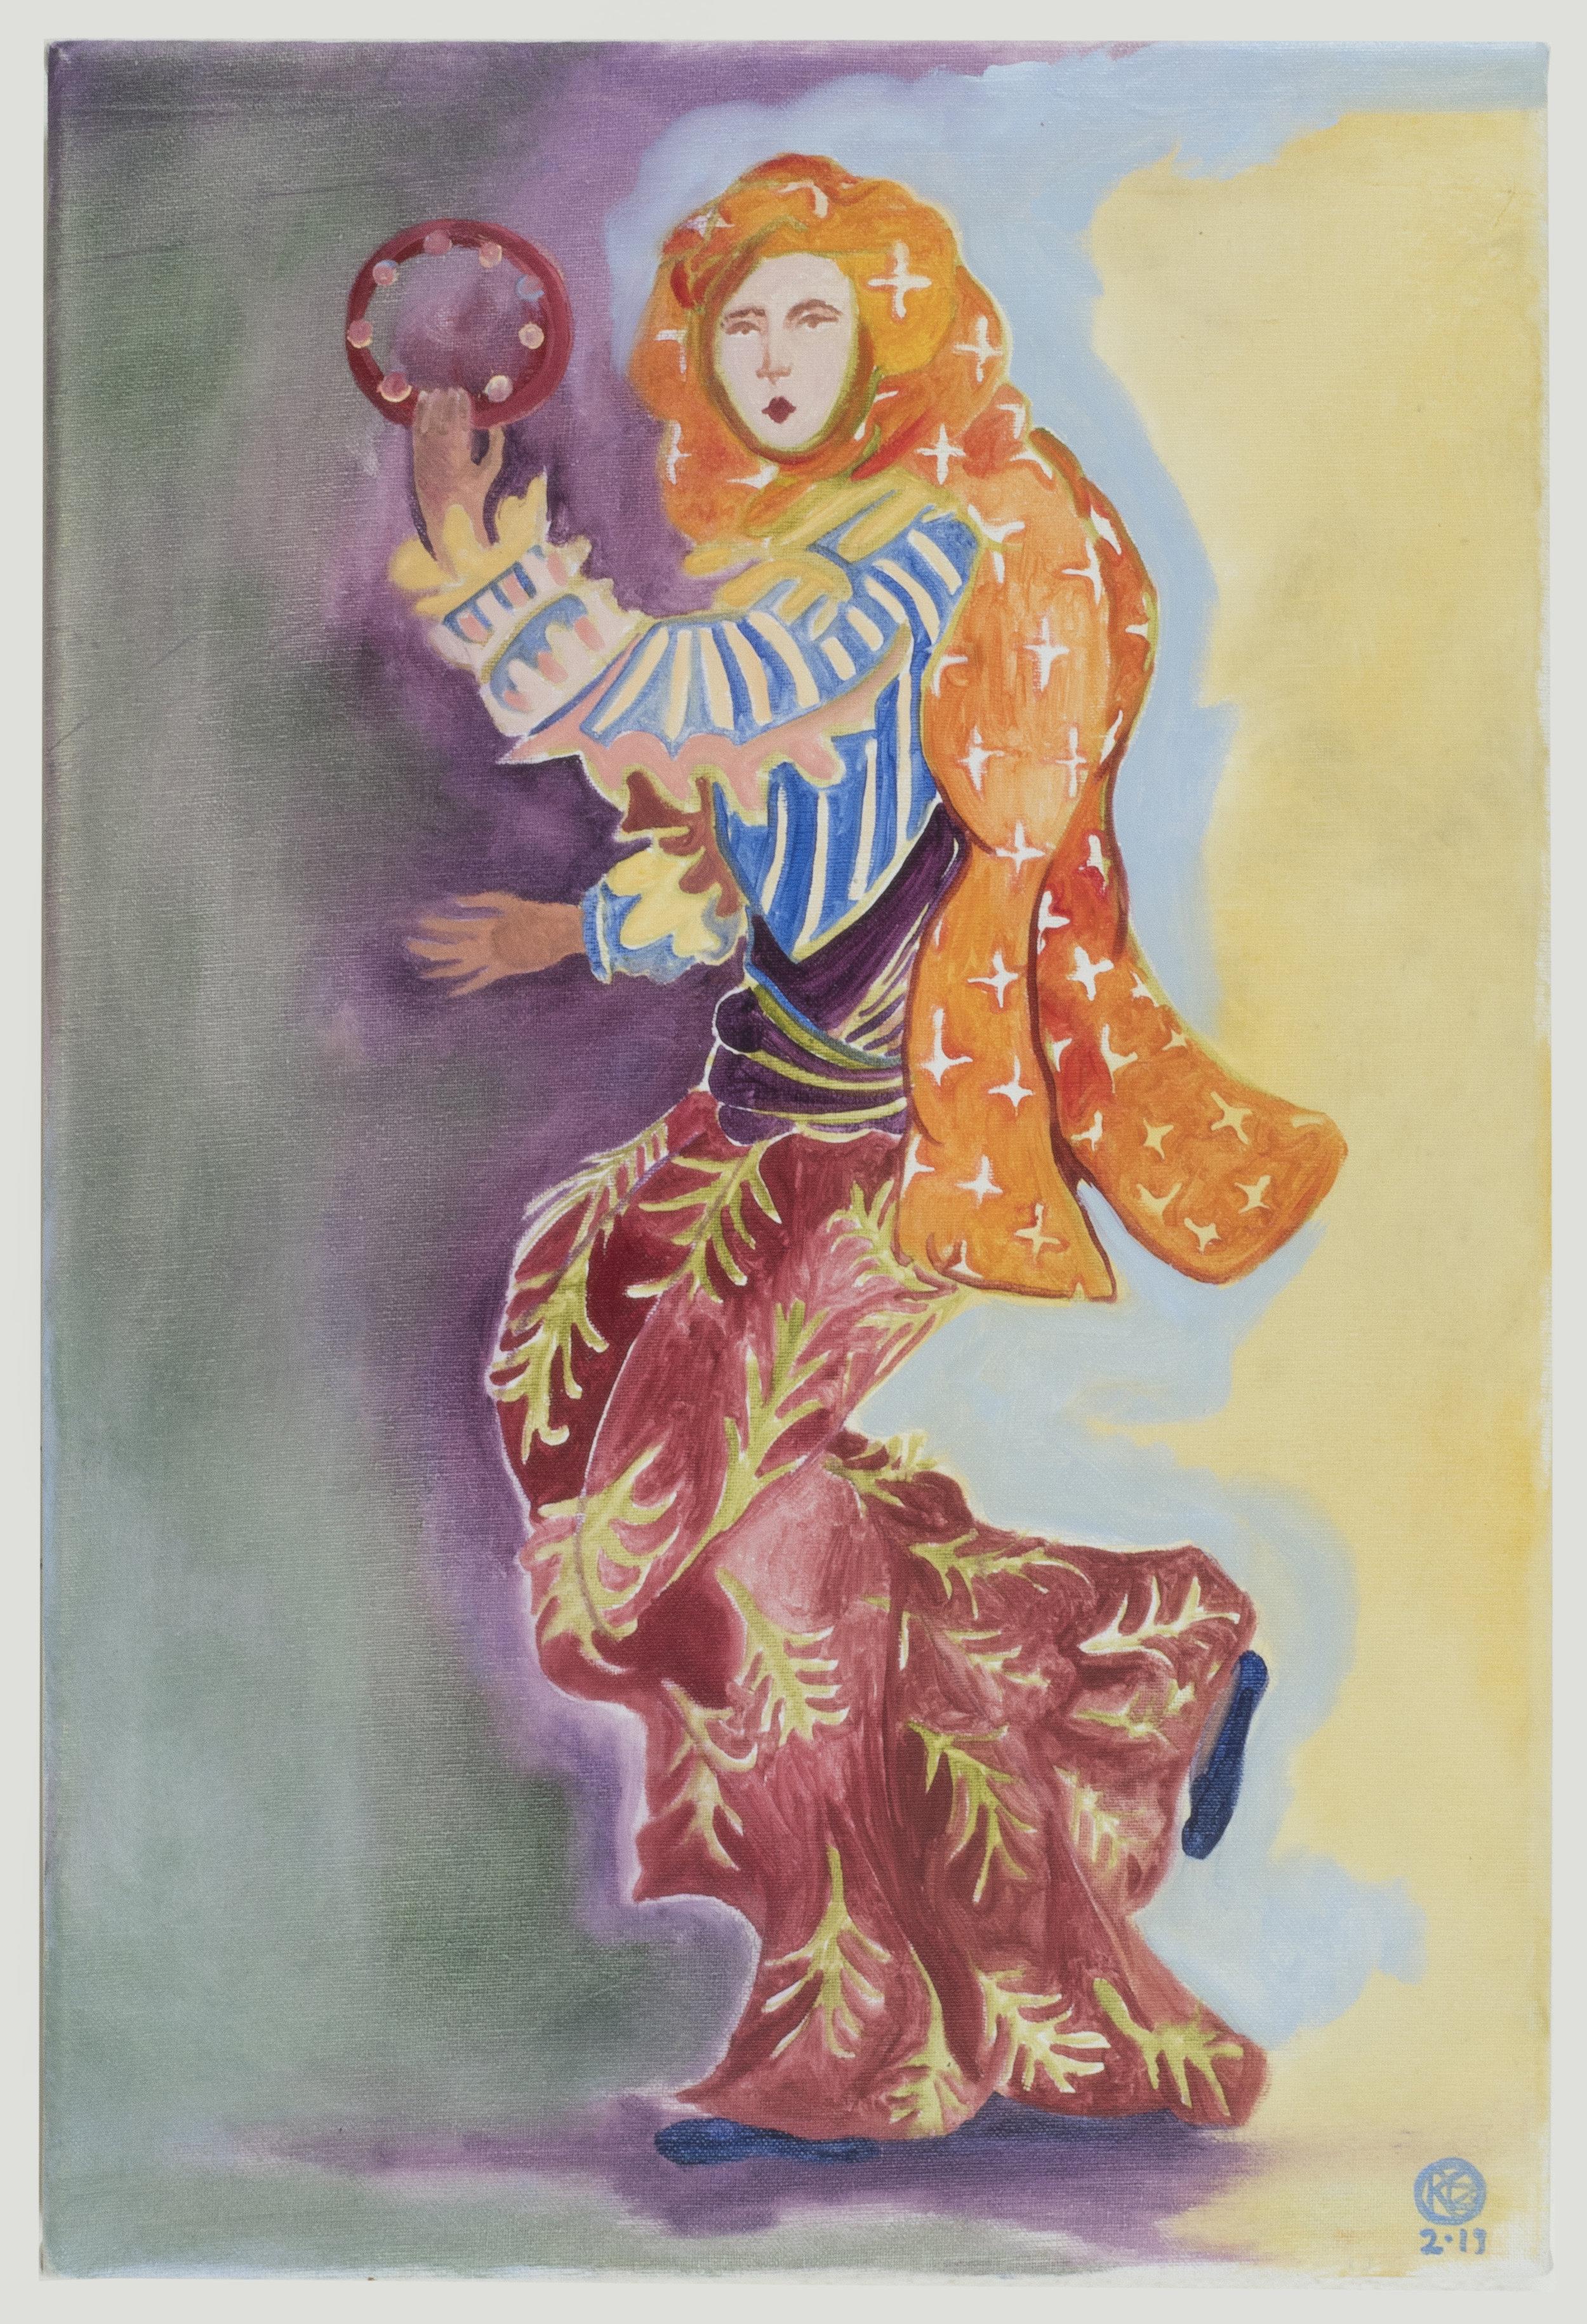 """Ατσιγκανα με Φωναζουν (They Call me """"Gypsie"""")   50 x 30 cm / oil on canvas"""